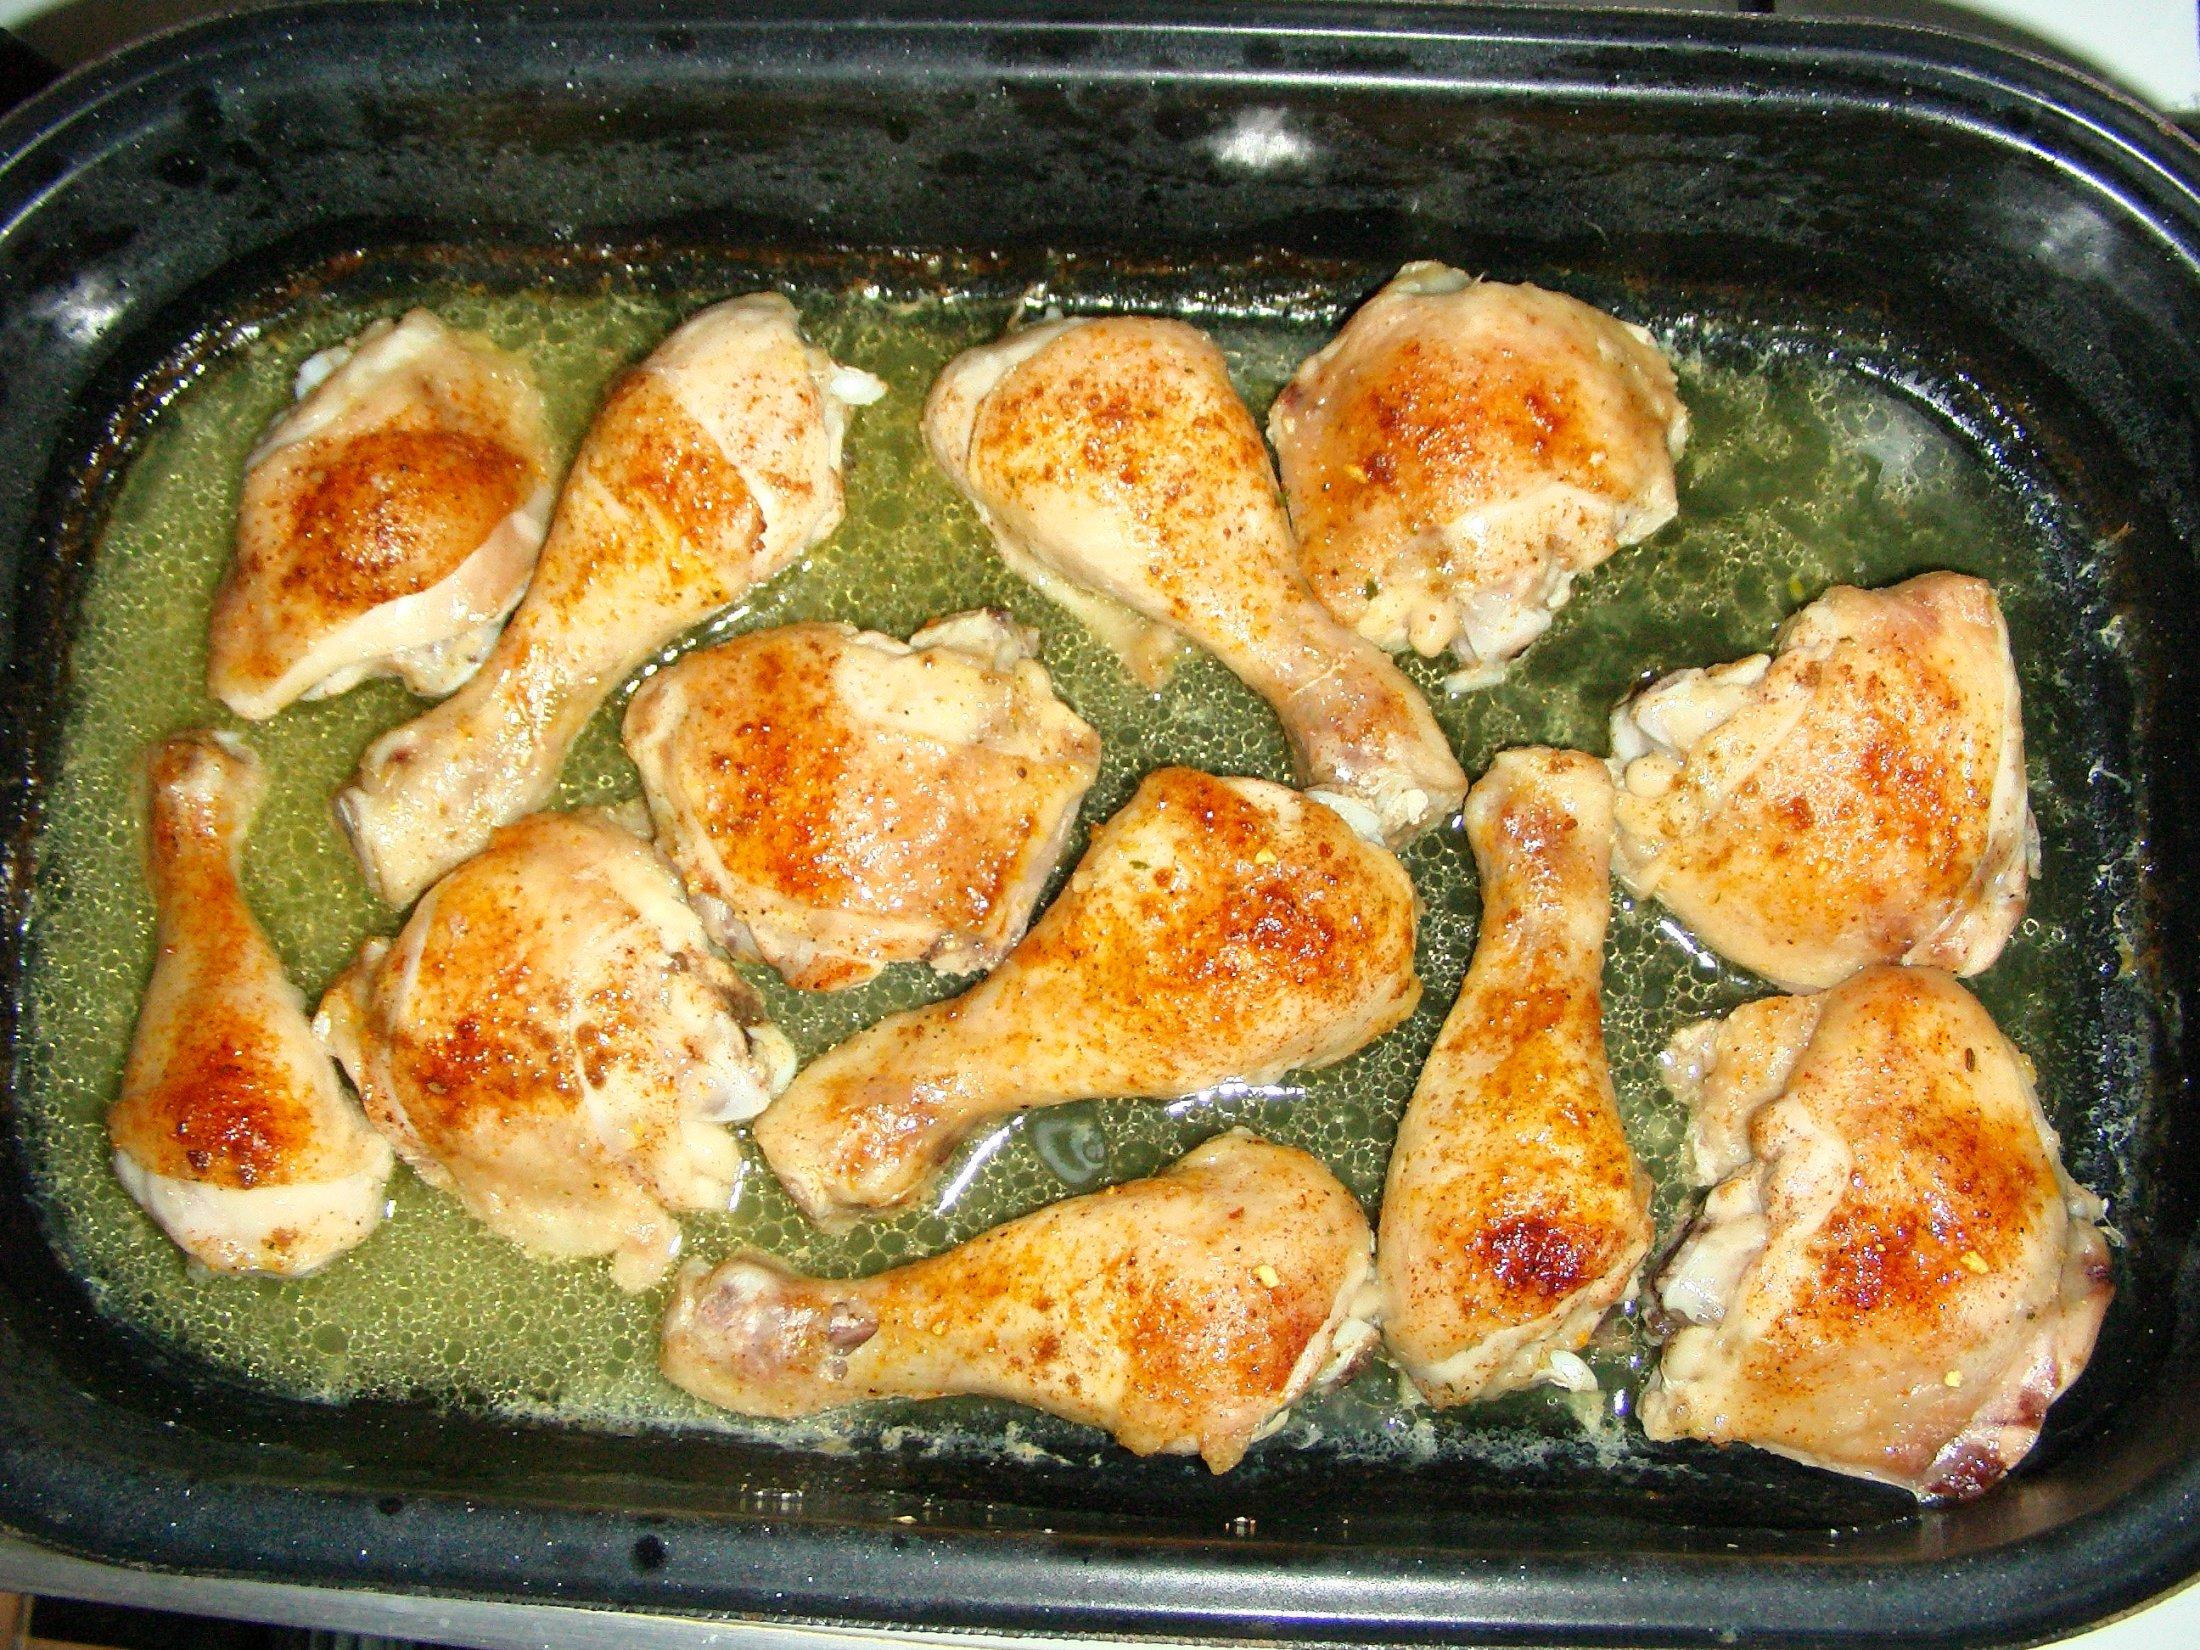 Recept Pečená kuřecí stehna s nádivkou okolo - Kuřecí stehna máme již mírně rozpečené a můžeme přidávat nádivku.